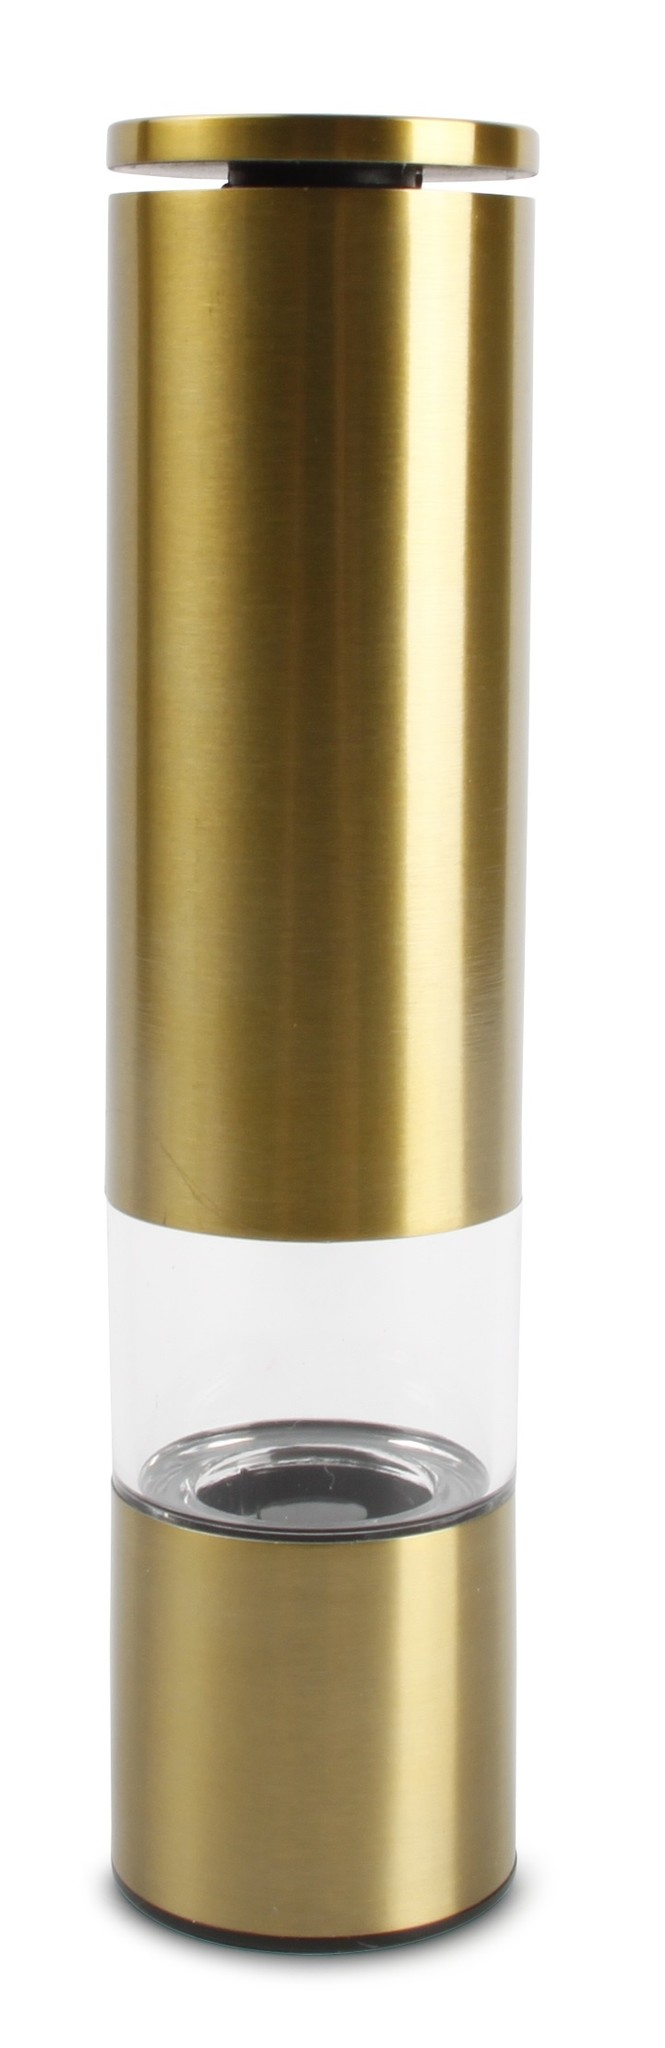 Peper- of zoutmolen goudkleurig 215 mm